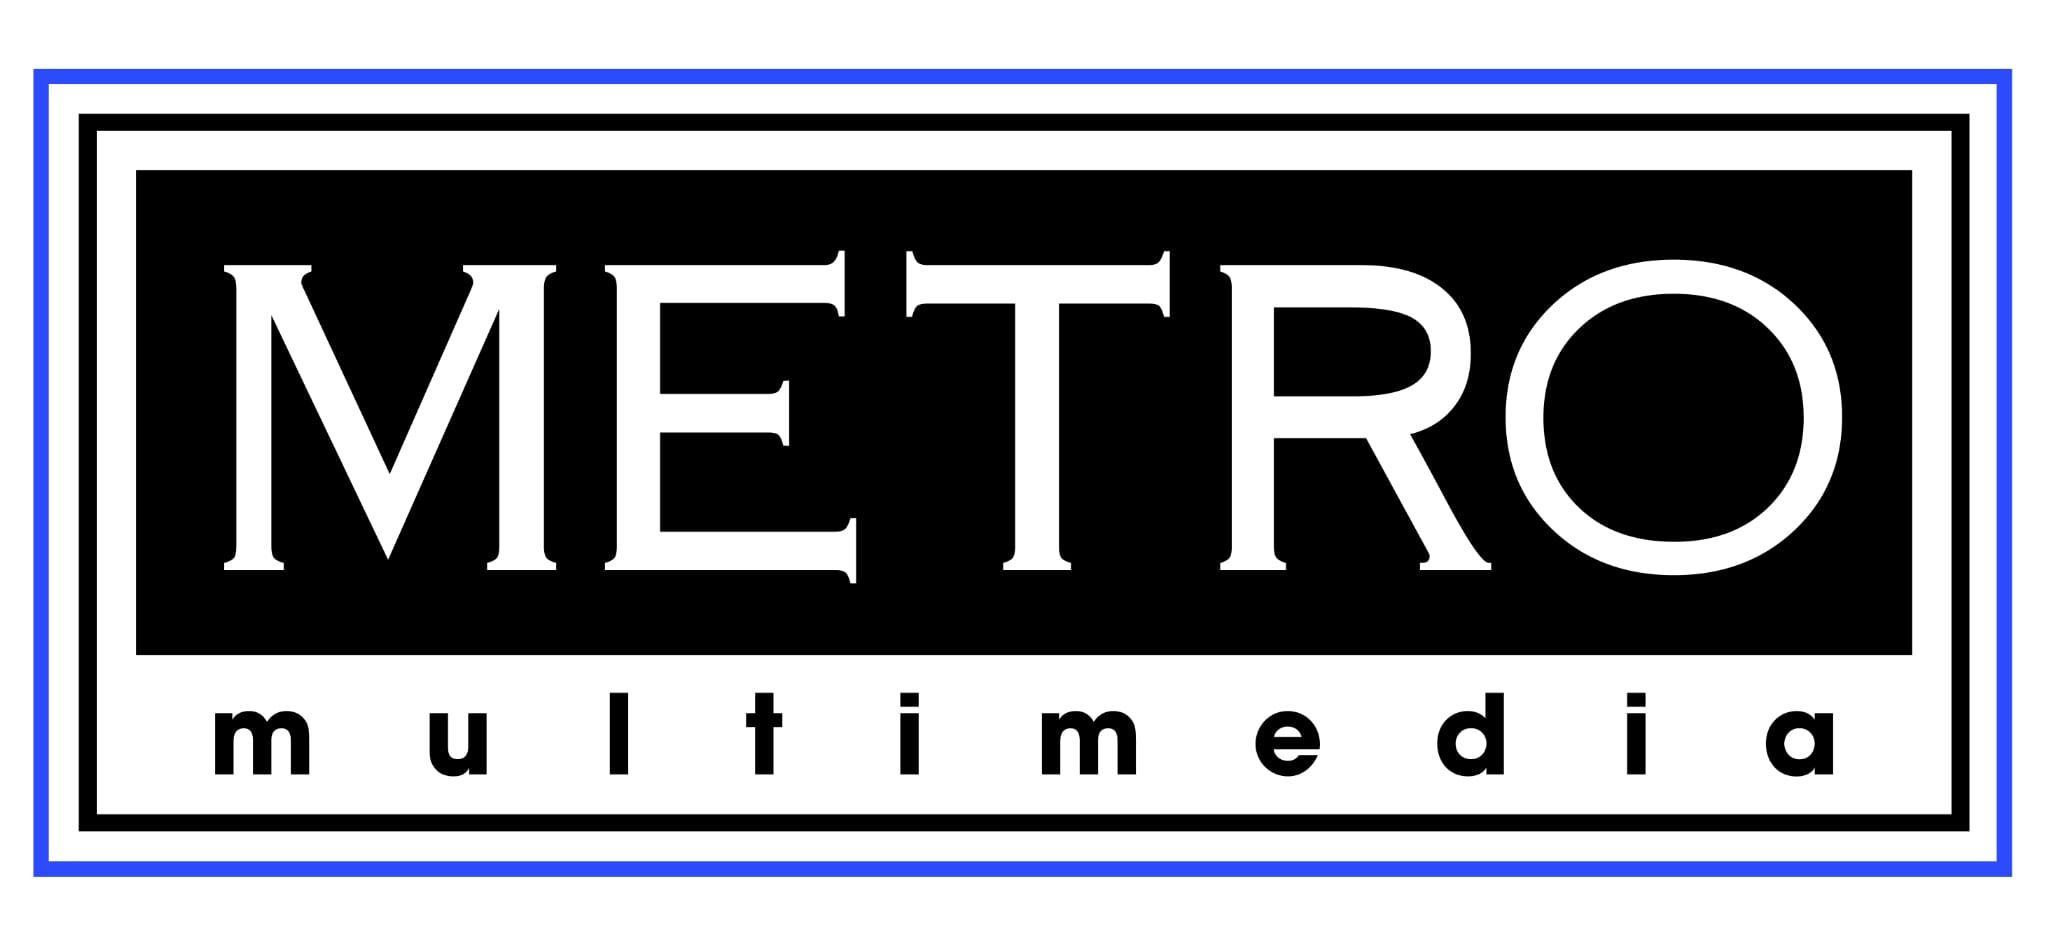 Metro Multimedia